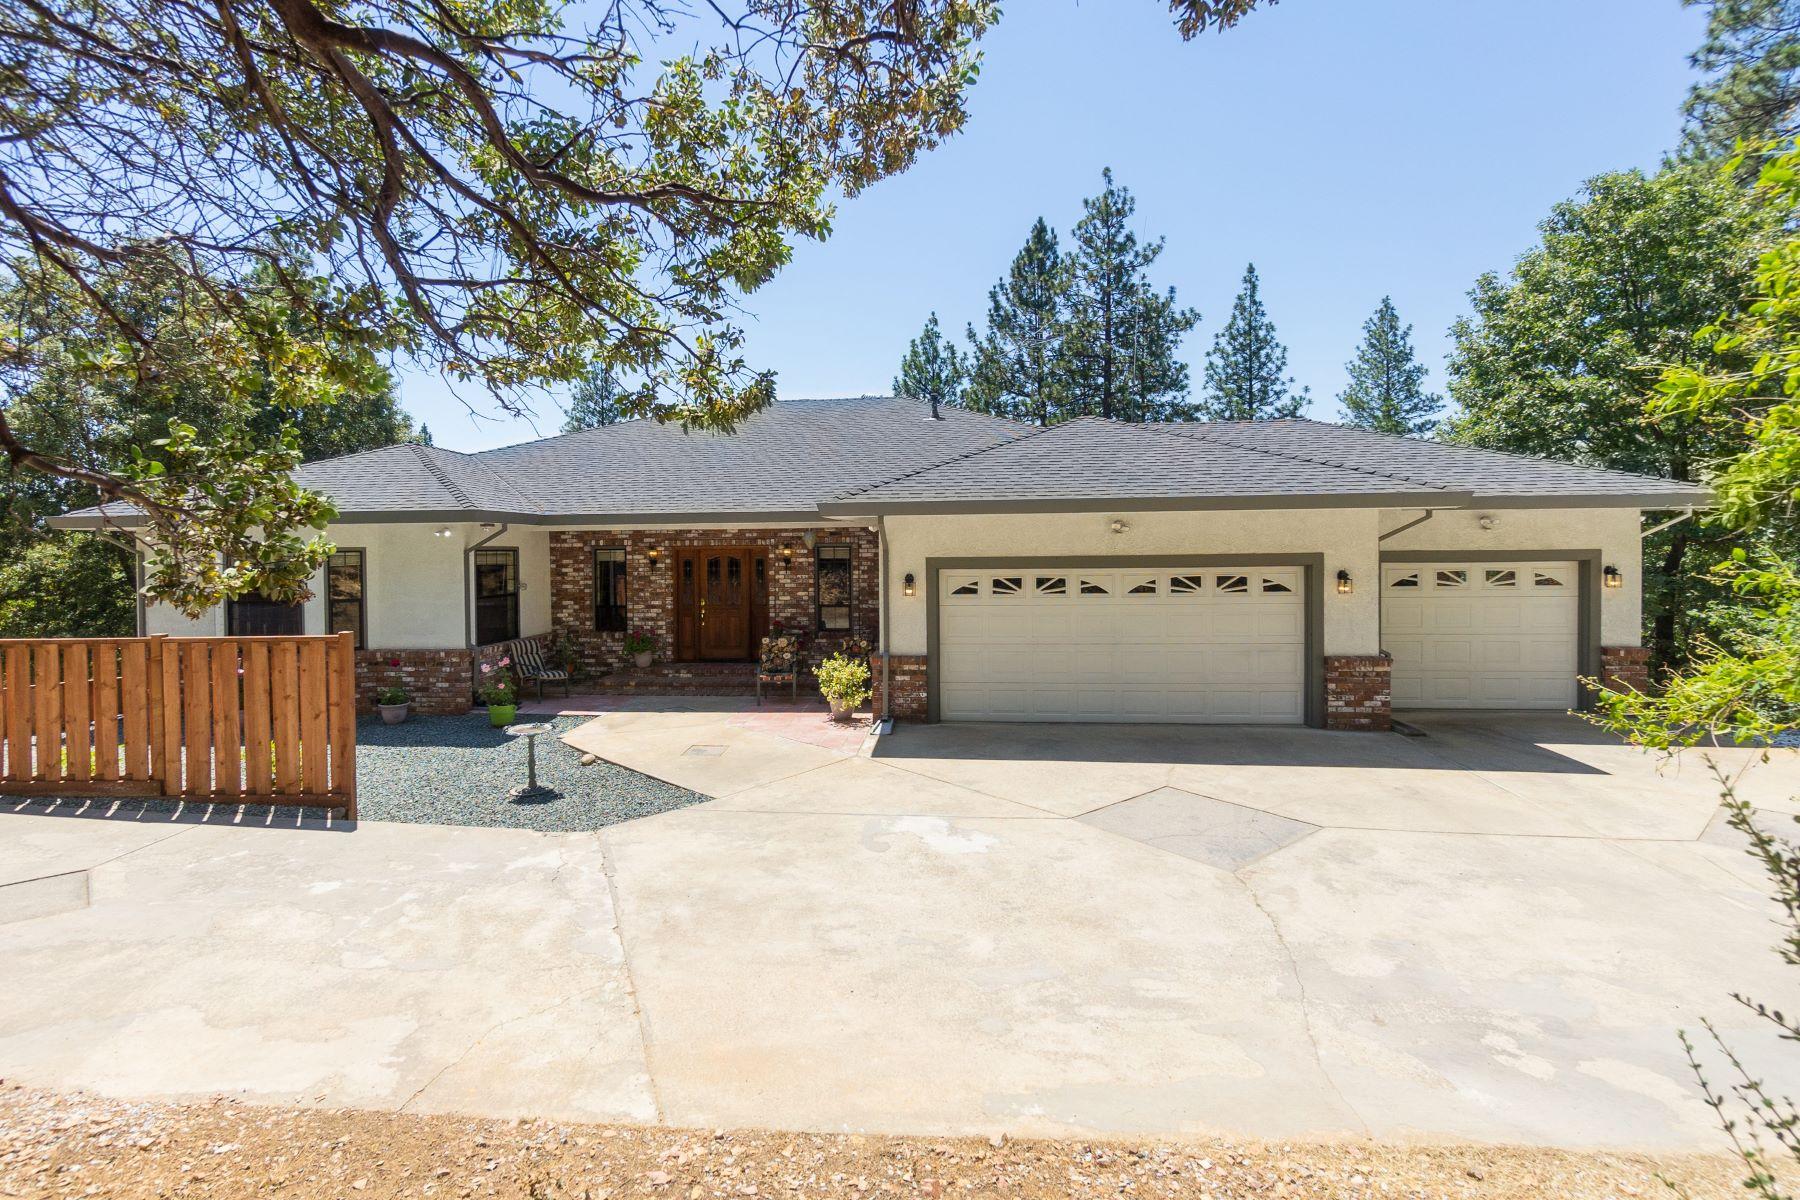 Casa para uma família para Venda às Immaculate turn-key home in desirable Pine Grove neighborhood 21735 Homestead Road Pine Grove, Califórnia, 95665 Estados Unidos